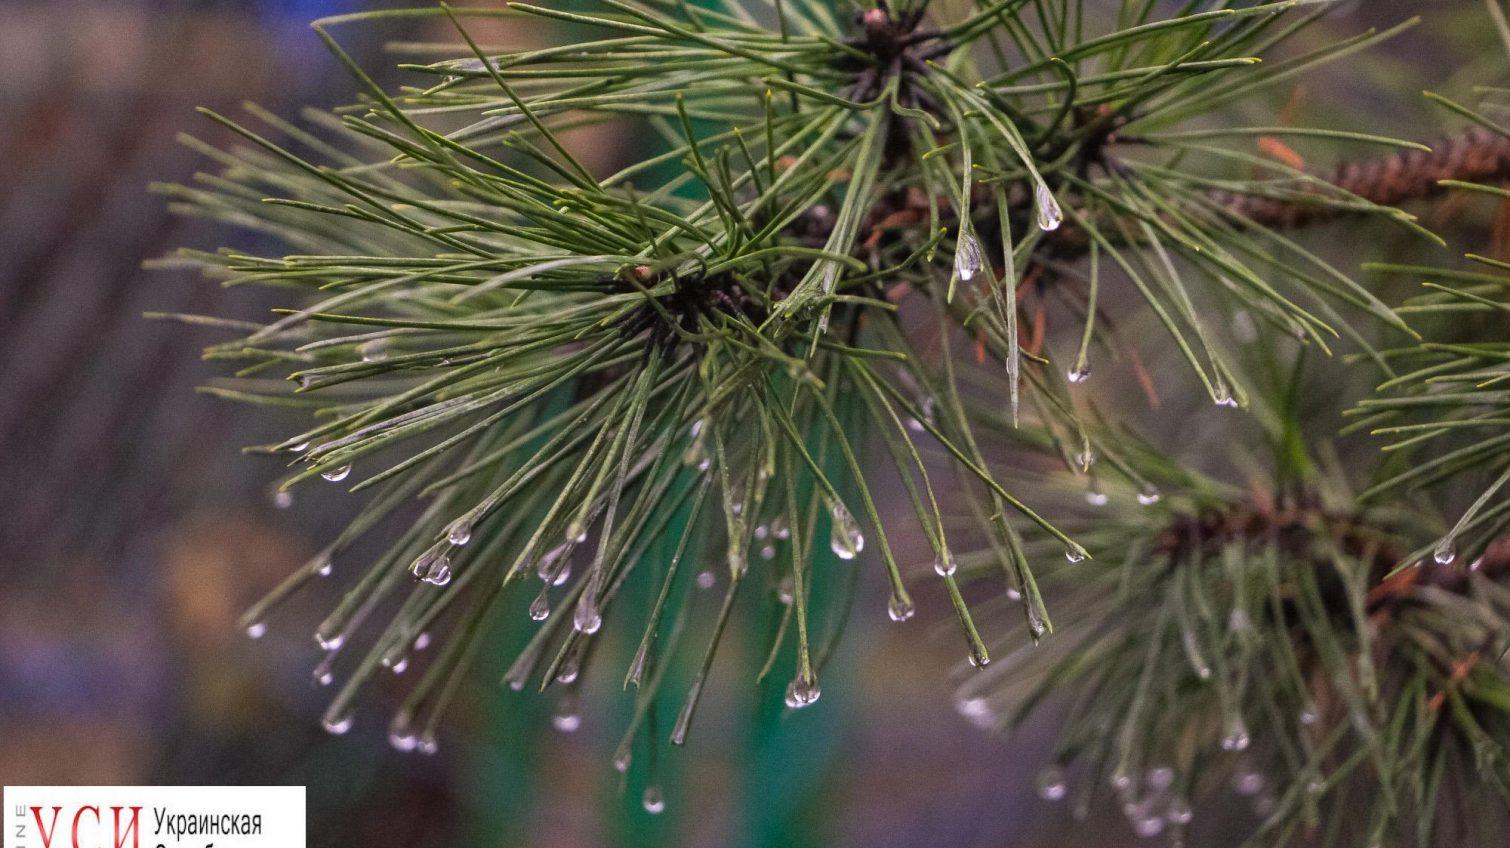 Дождливая Одесса: лужи и совсем не зимняя атмосфера (фото) «фото»